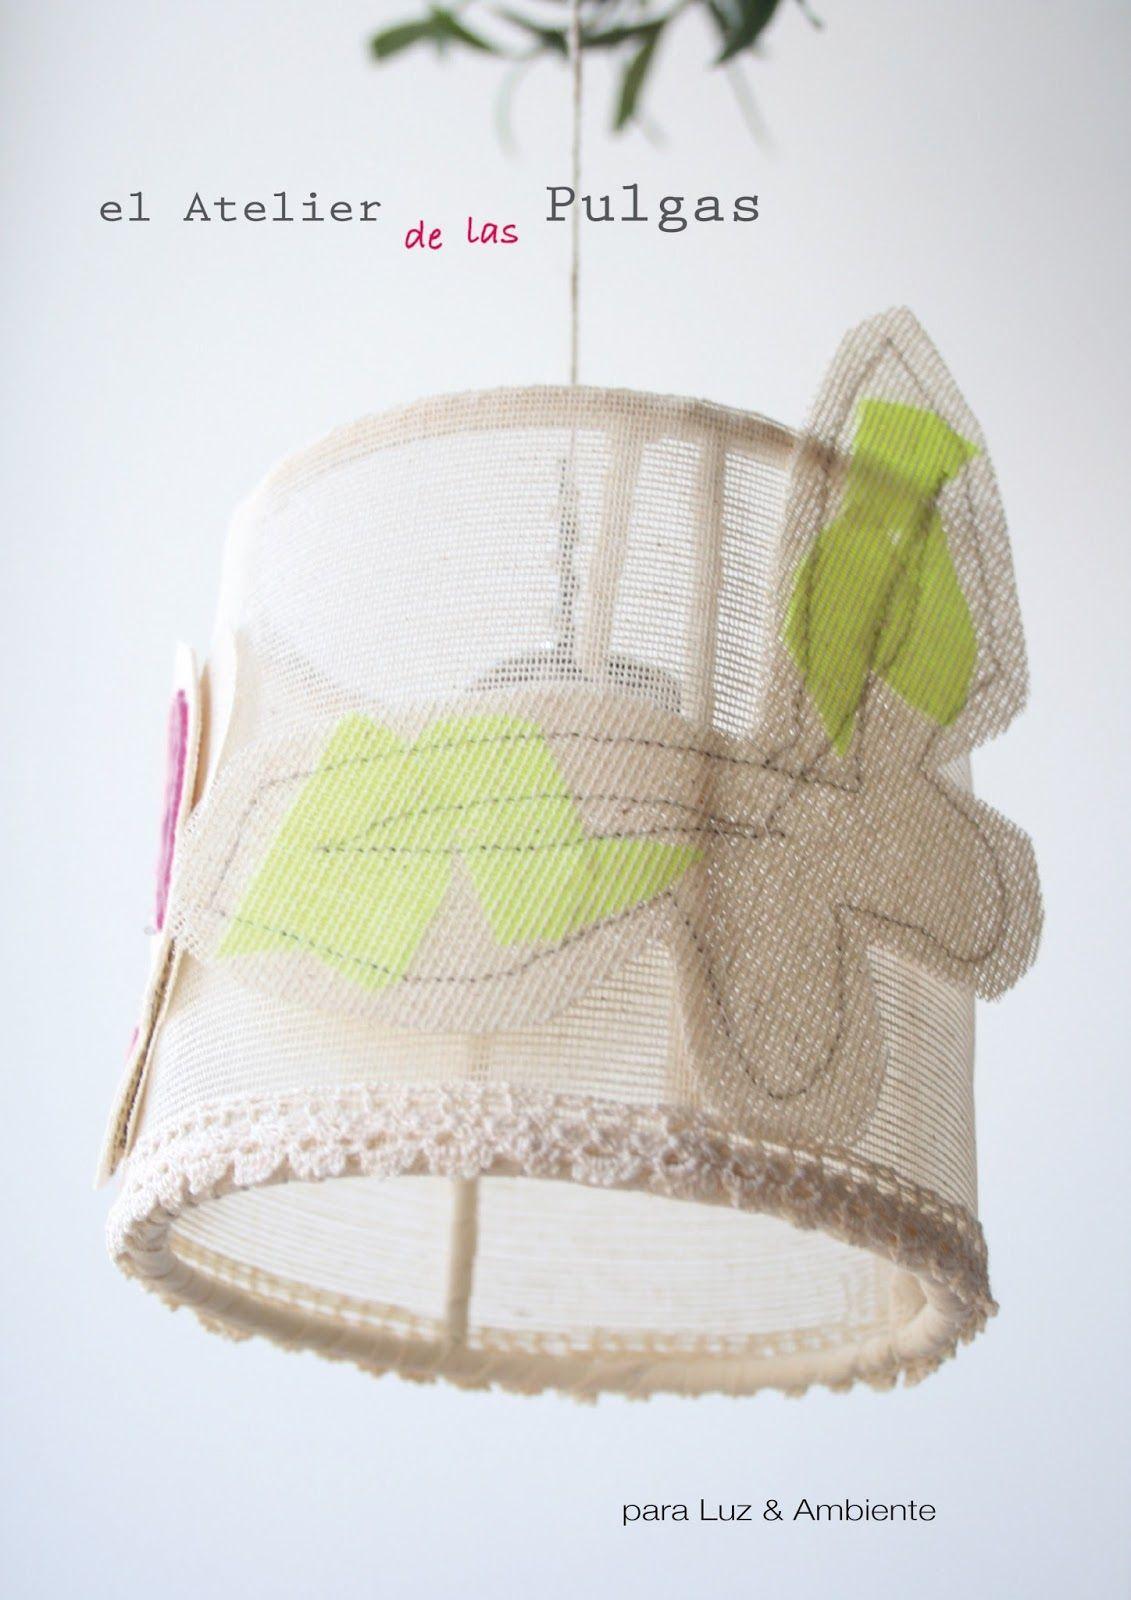 Pantallita para crear una luz de ambiente con mariposas en  un rincón especial.   De una en una o de tres en tres a distintas alturas.   12cm de...